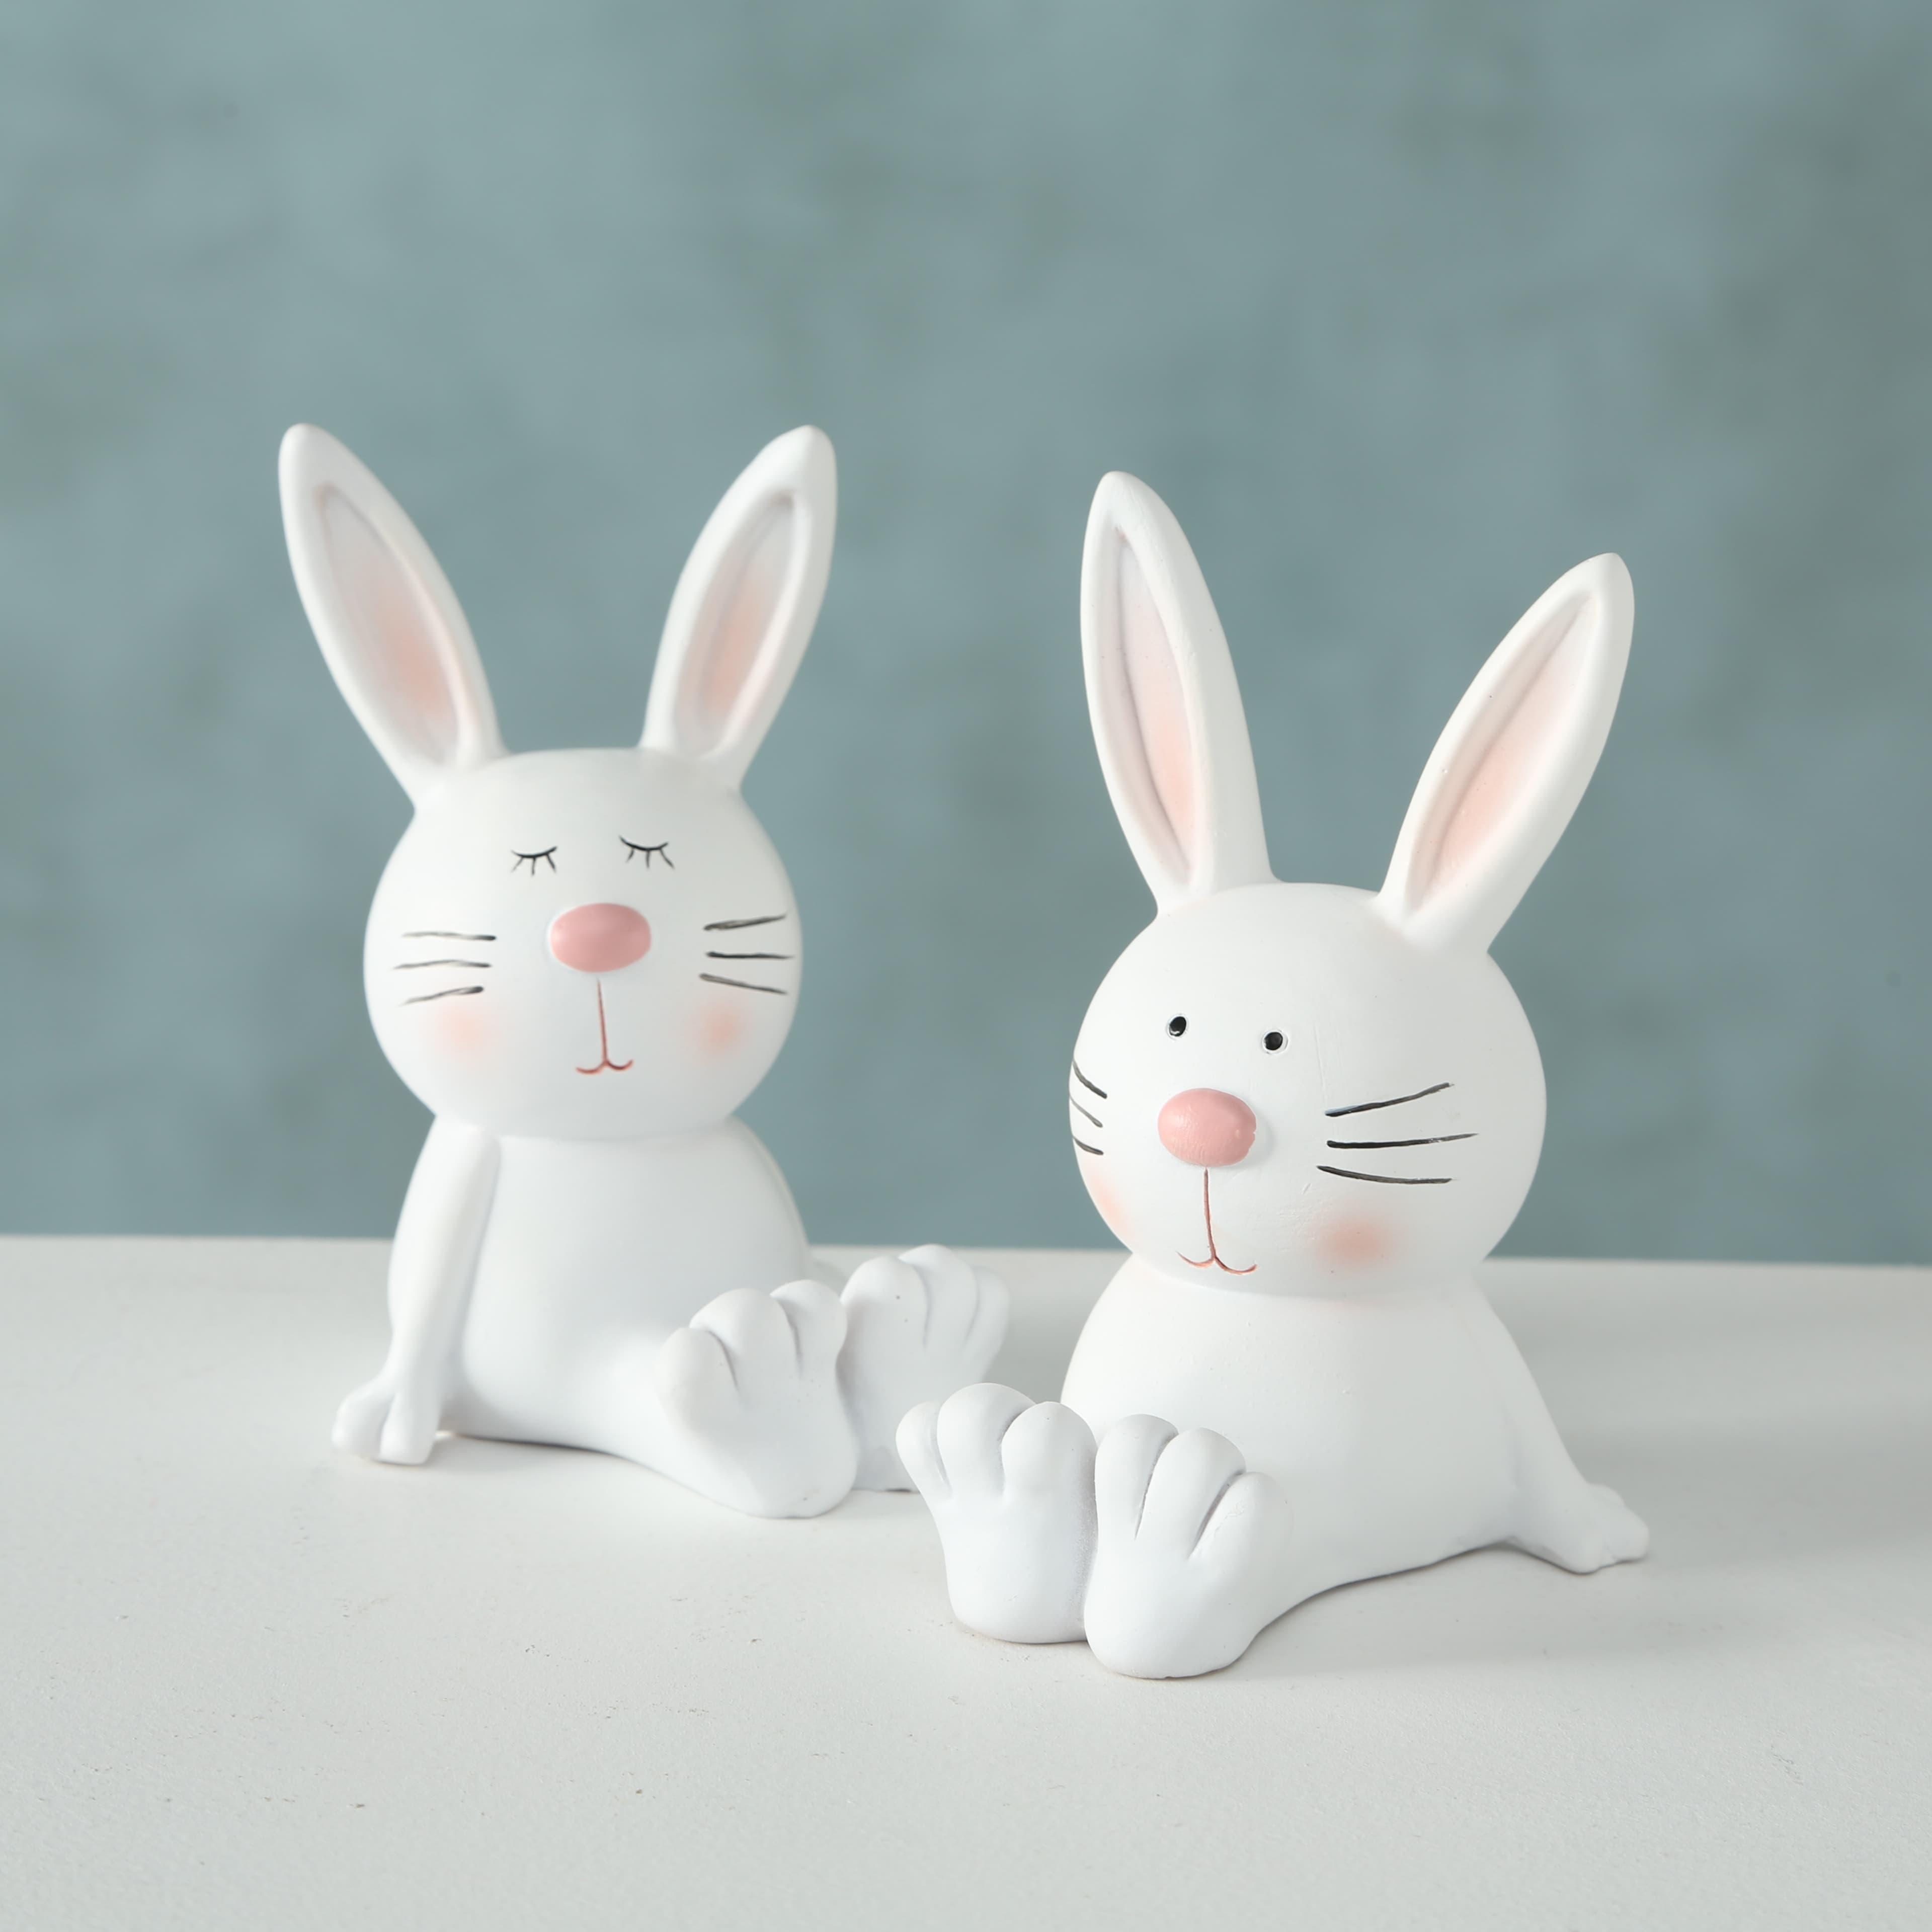 Figurina decorativa din polirasina Garvey Rabbit Alb, Modele Asortate, l7,5xA6,5xH12 cm poza